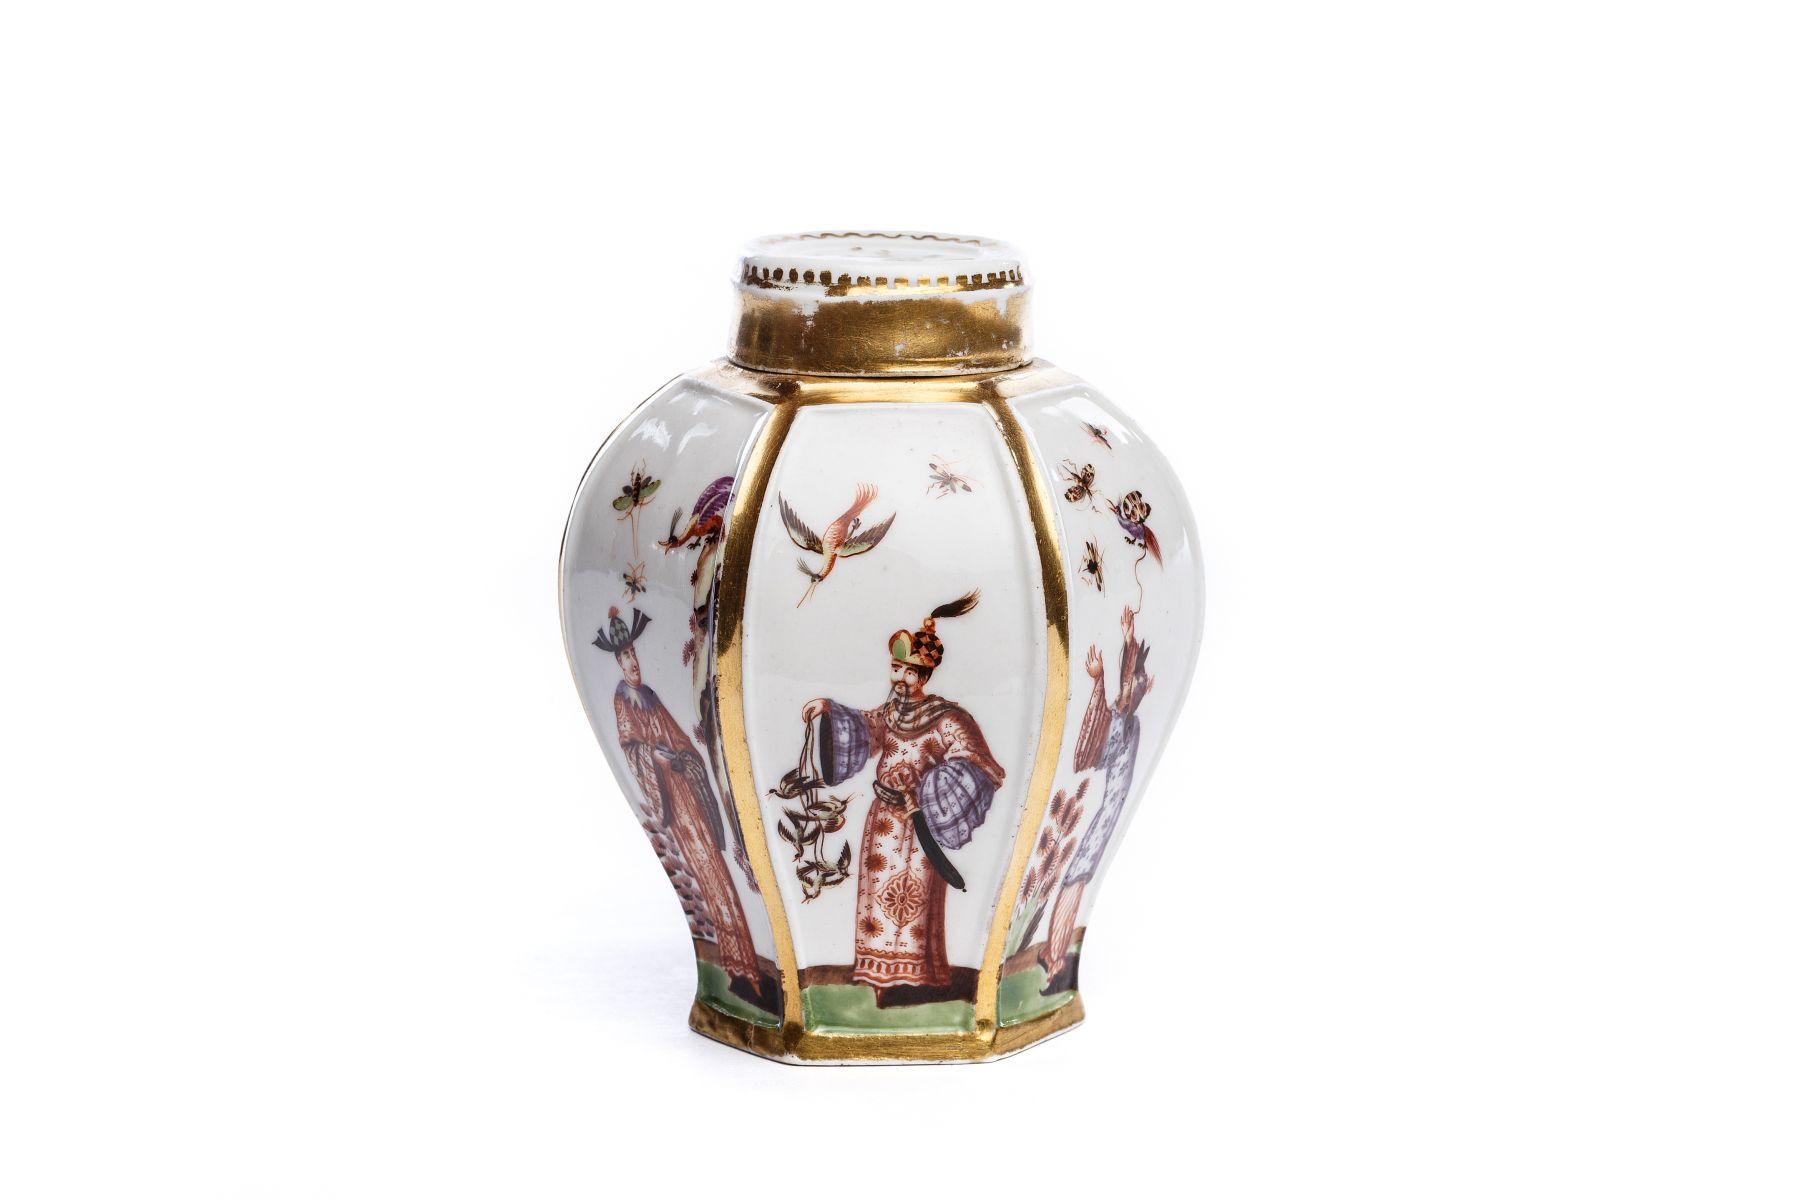 #32 Tea tin with chinoiserie scenes, Meissen 1725/30 | Teedose mit Chinoiserie Szenen, Meissen 1725/30 Image